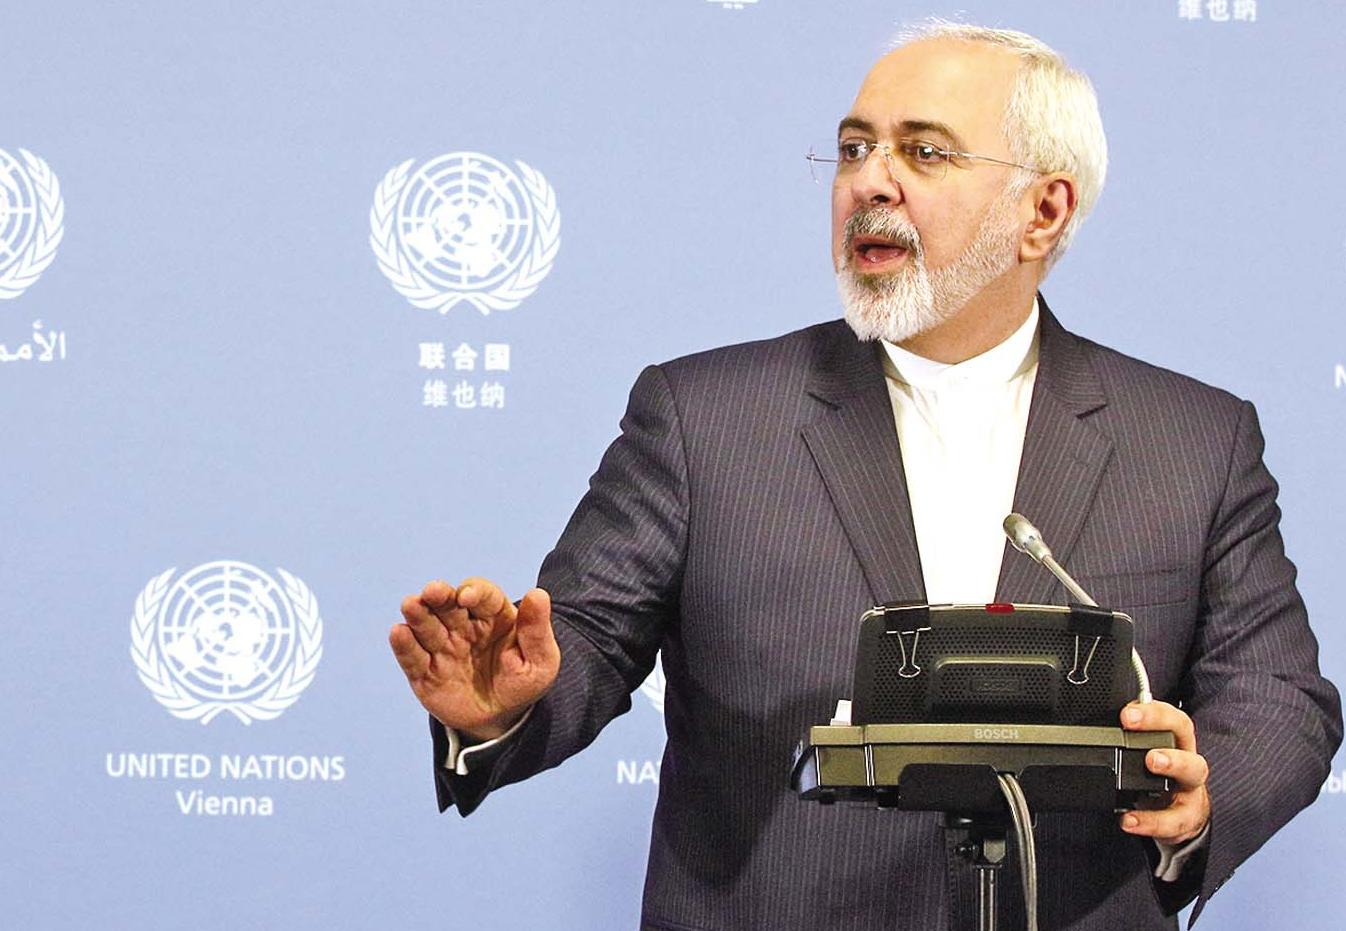 伊朗擺脫歐美制裁